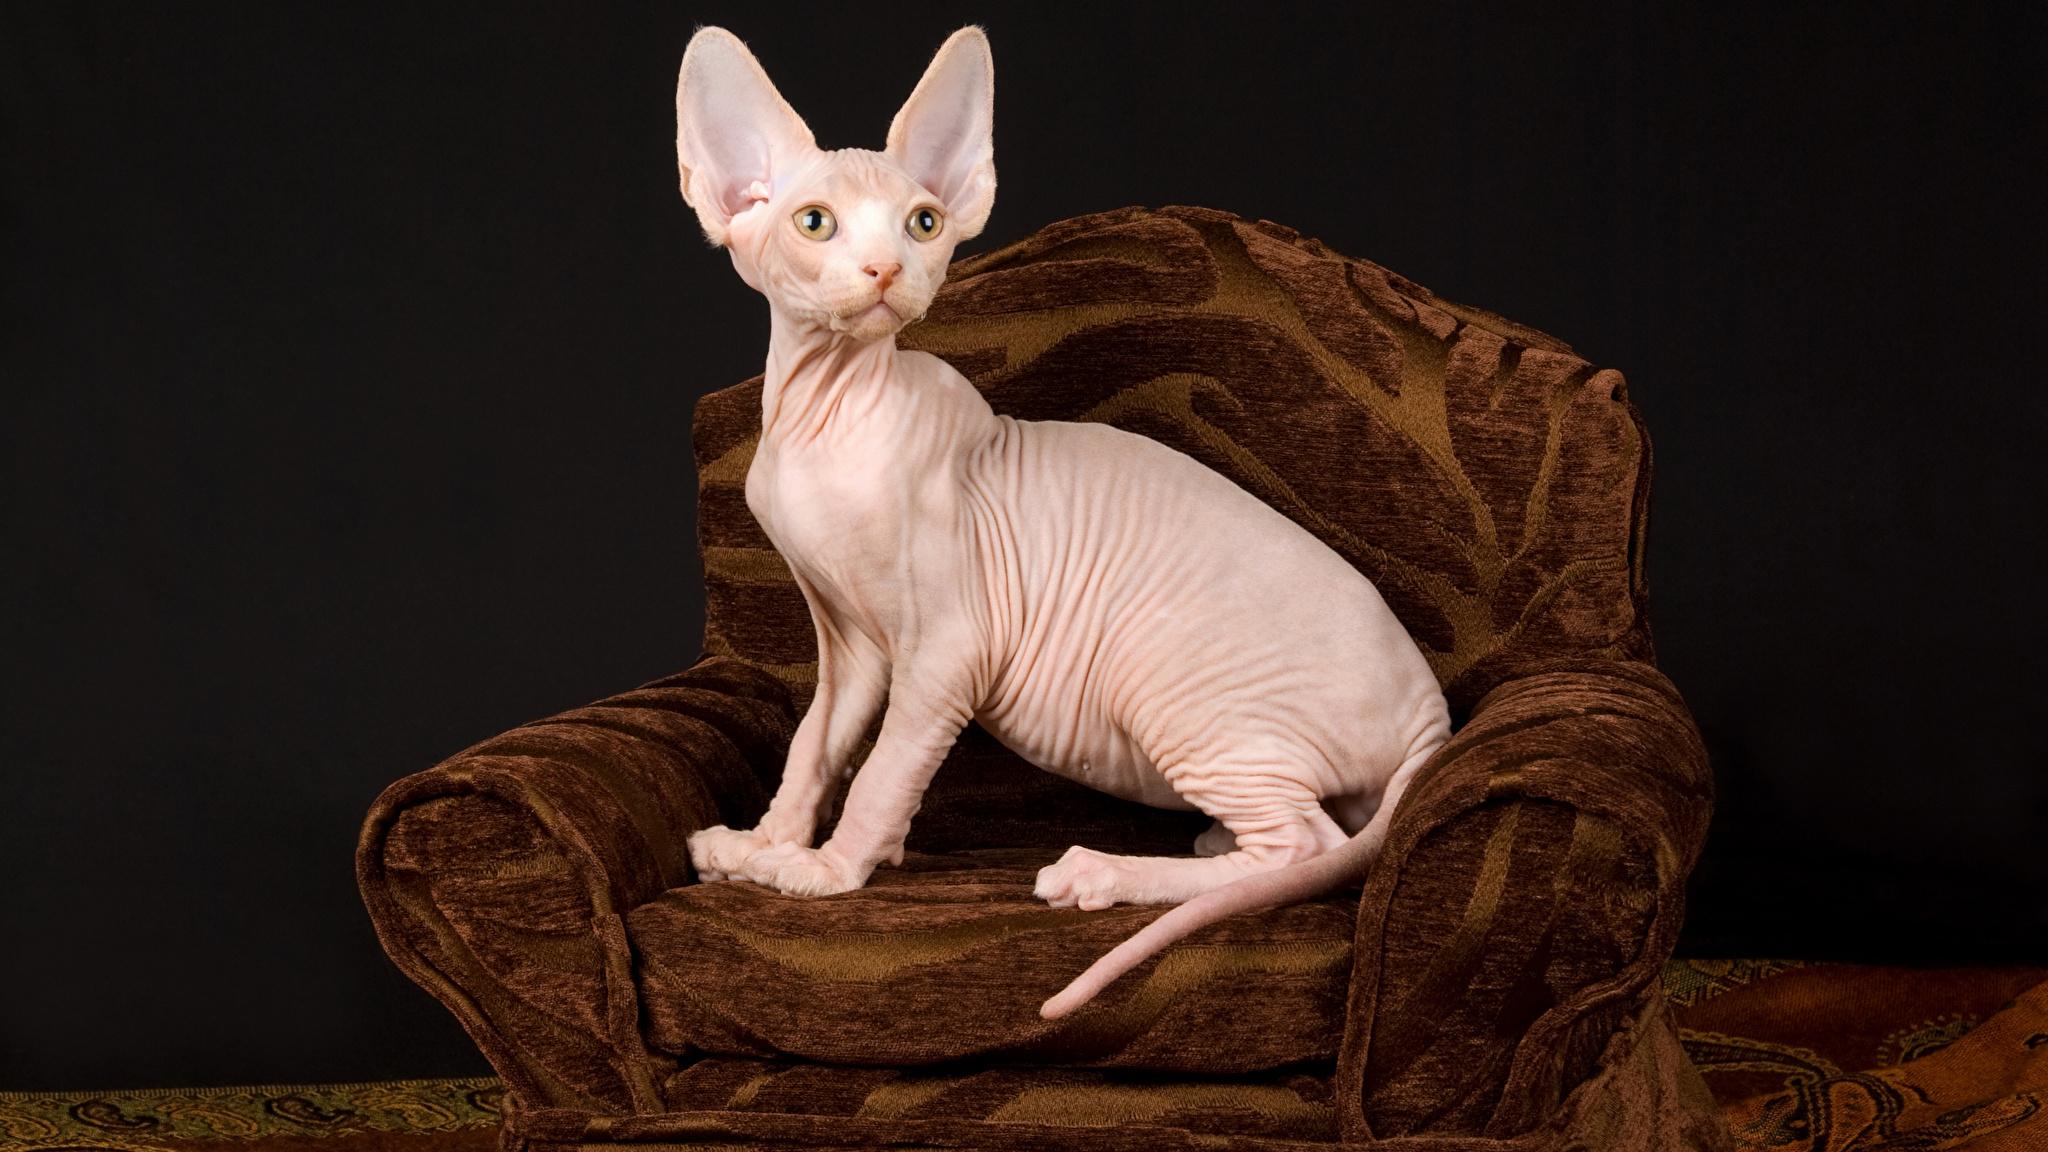 Фото Сфинкс кошка Коты Кресло Животные Черный фон 2048x1152 Кошки